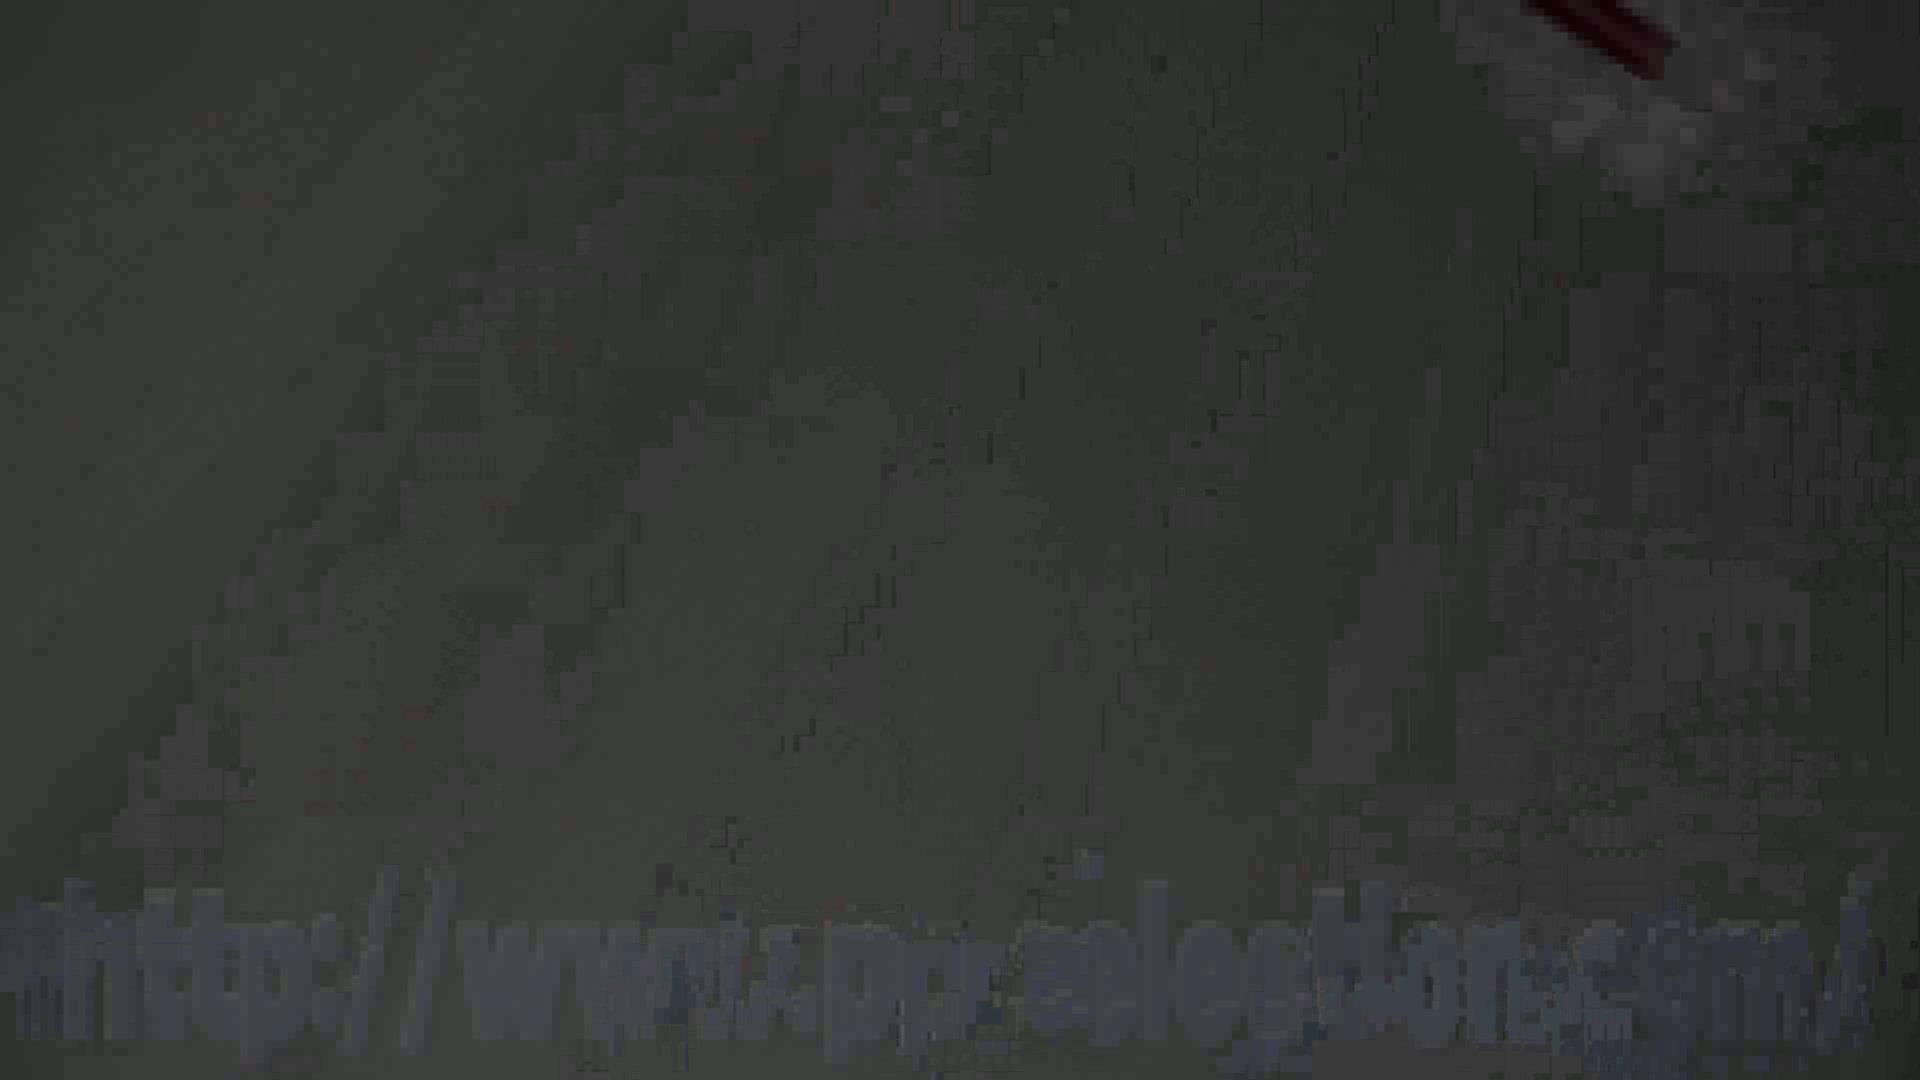 なんだこれVol.12 美魔女登場、 HD万歳!! 違いが判る映像美!! 美しいOLの裸体  94pic 76